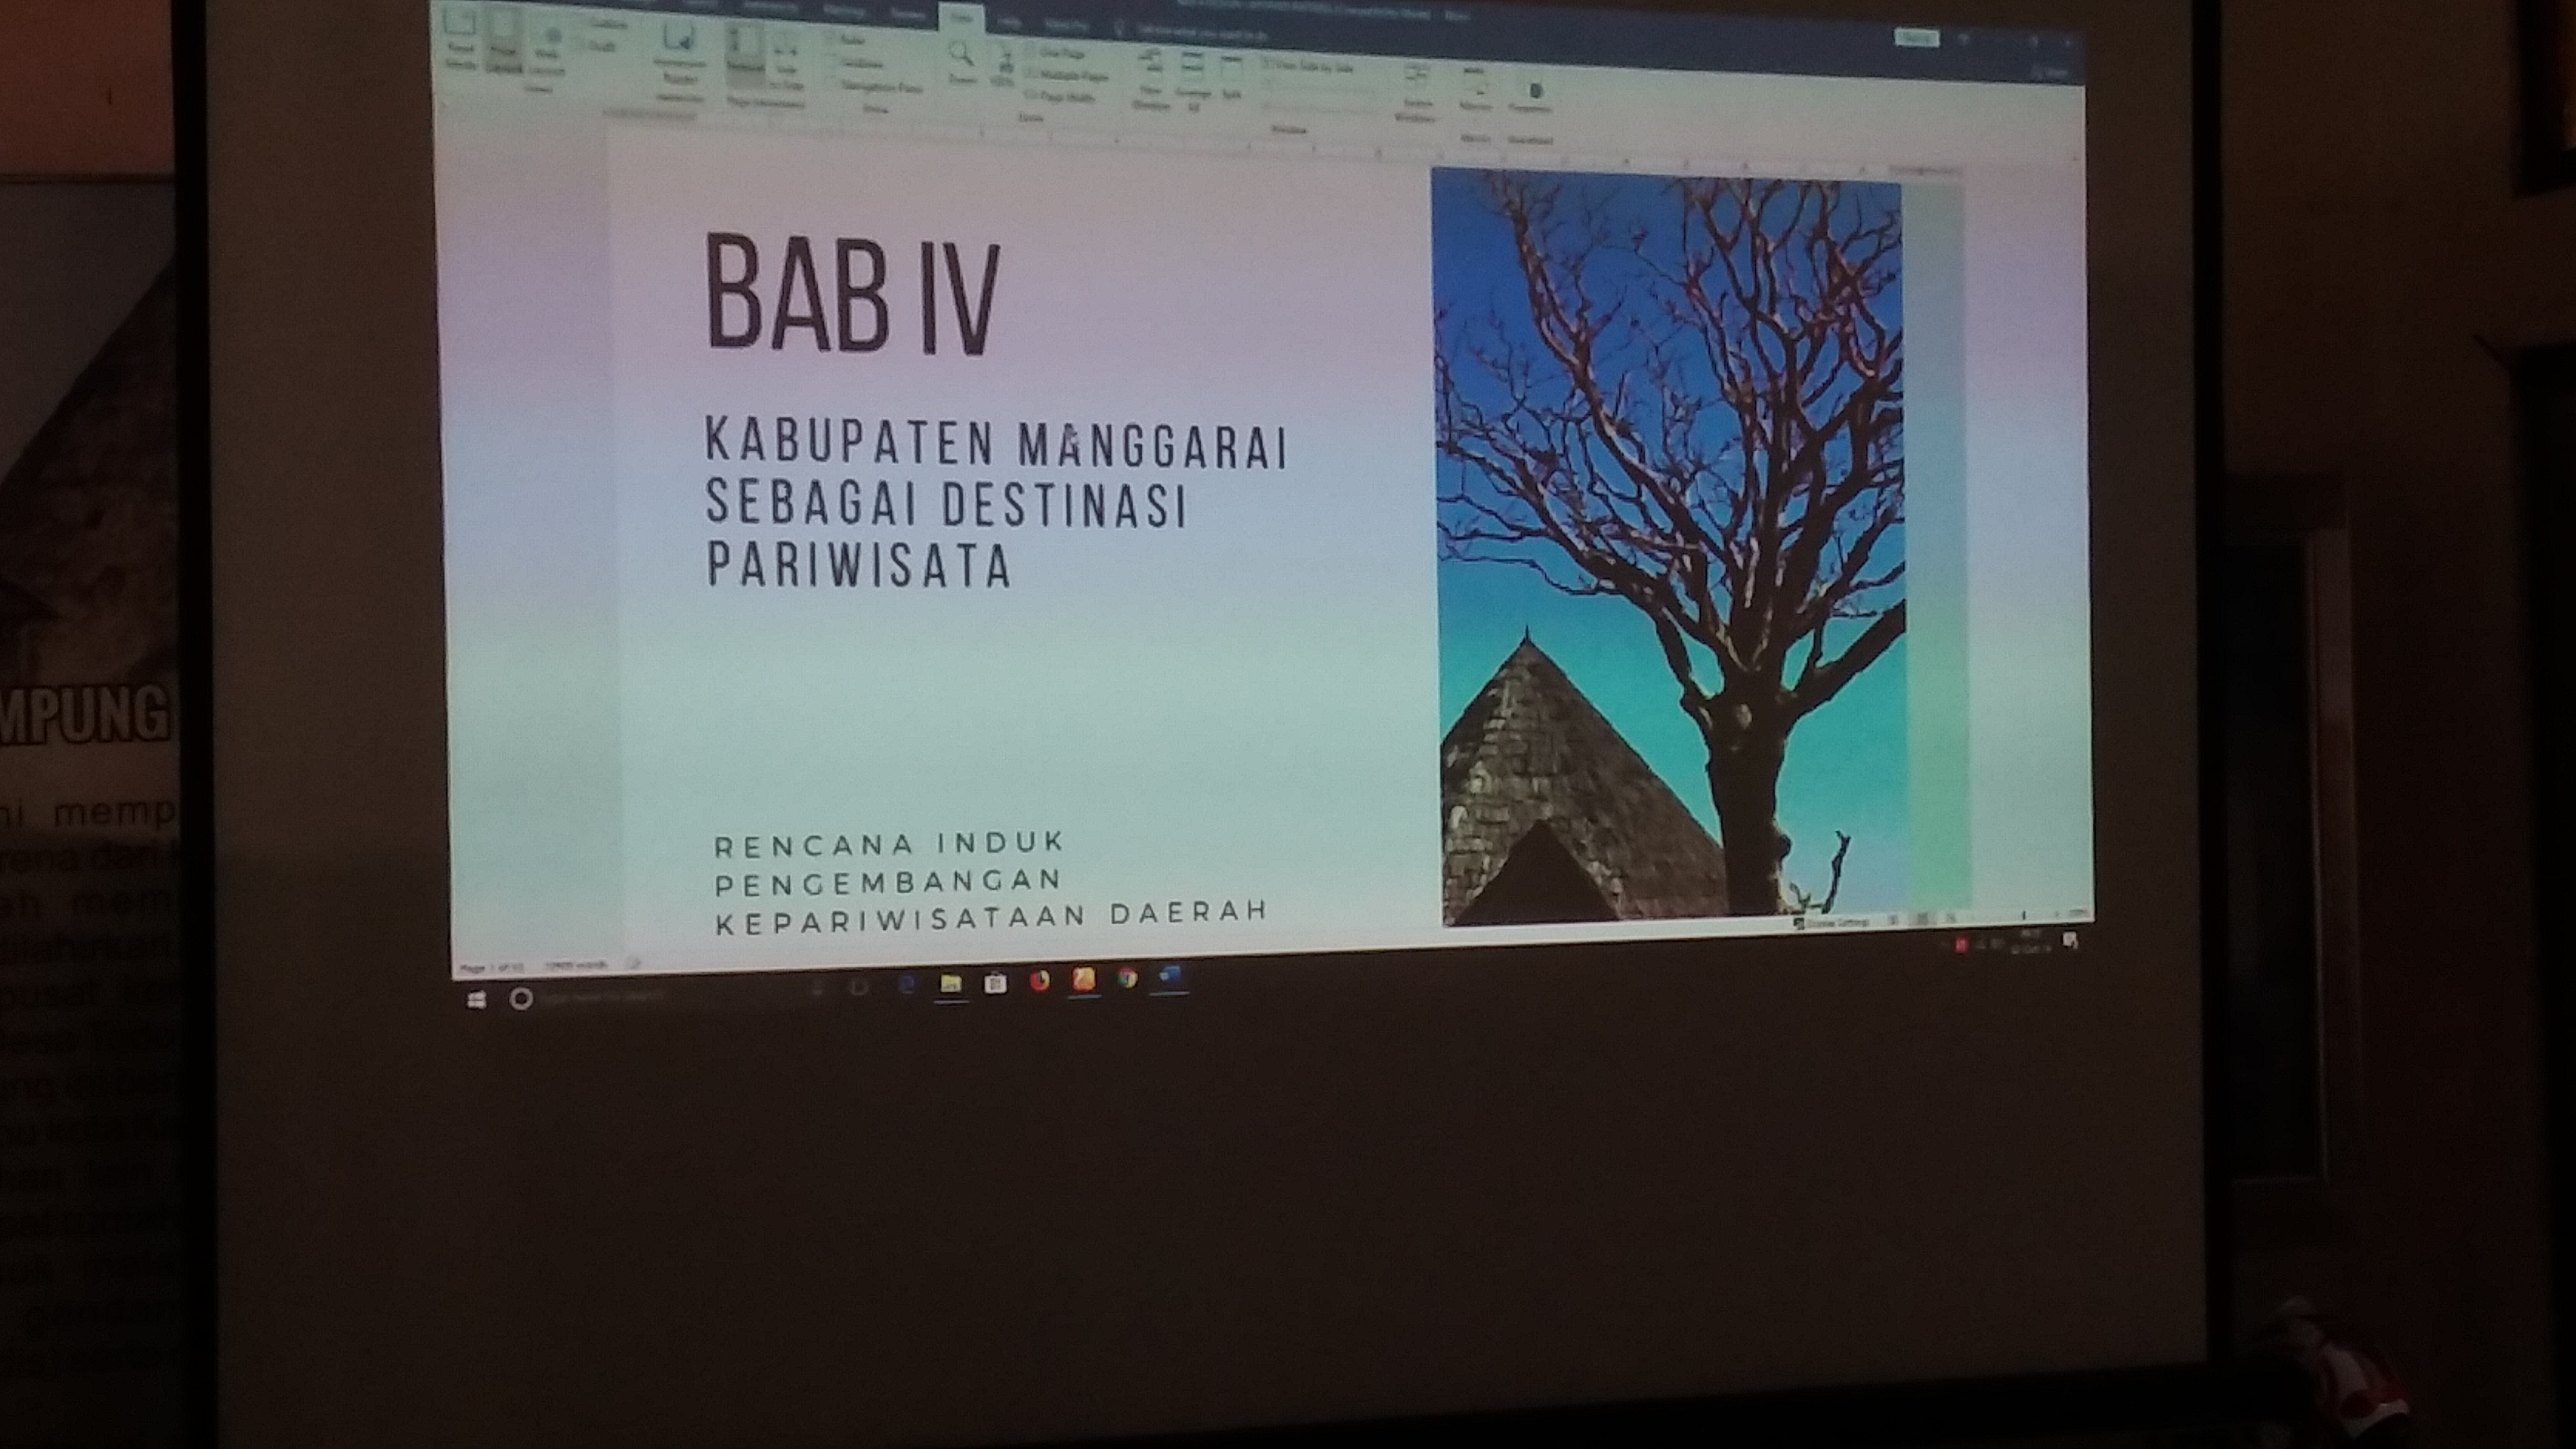 PEMBAHASAN (RIPDA) RENCANA INDUK PENGEMBANGAN KEPARIWISATAAN DAERAH_KABUPATEN MANGGARAI TA. 2019